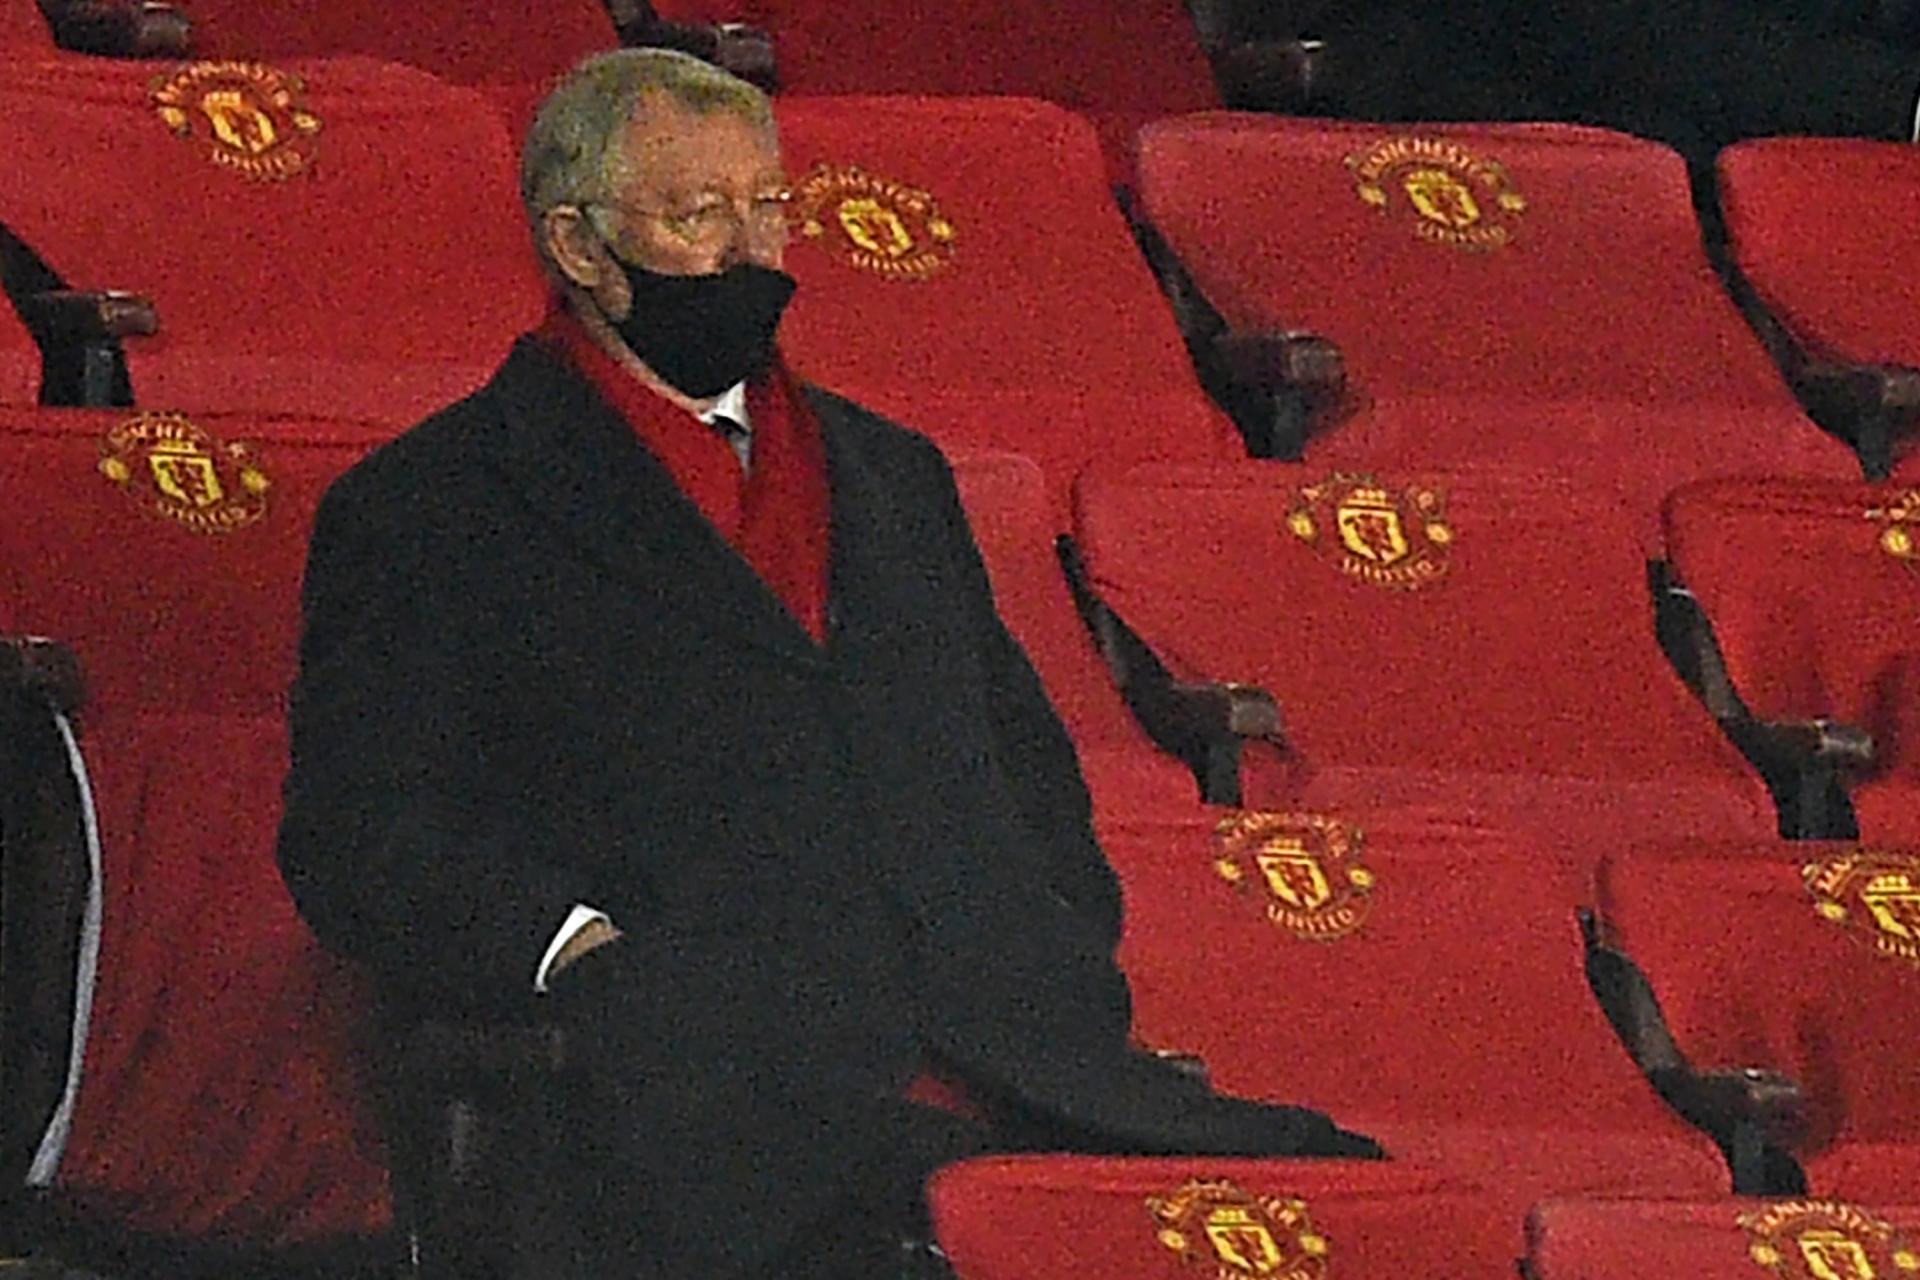 Legendarni Alex Ferguson dobit će spomenik ispred Aberdeenova stadiona Pittodrie: Oduševljen sam i počašćen ovim priznanjem